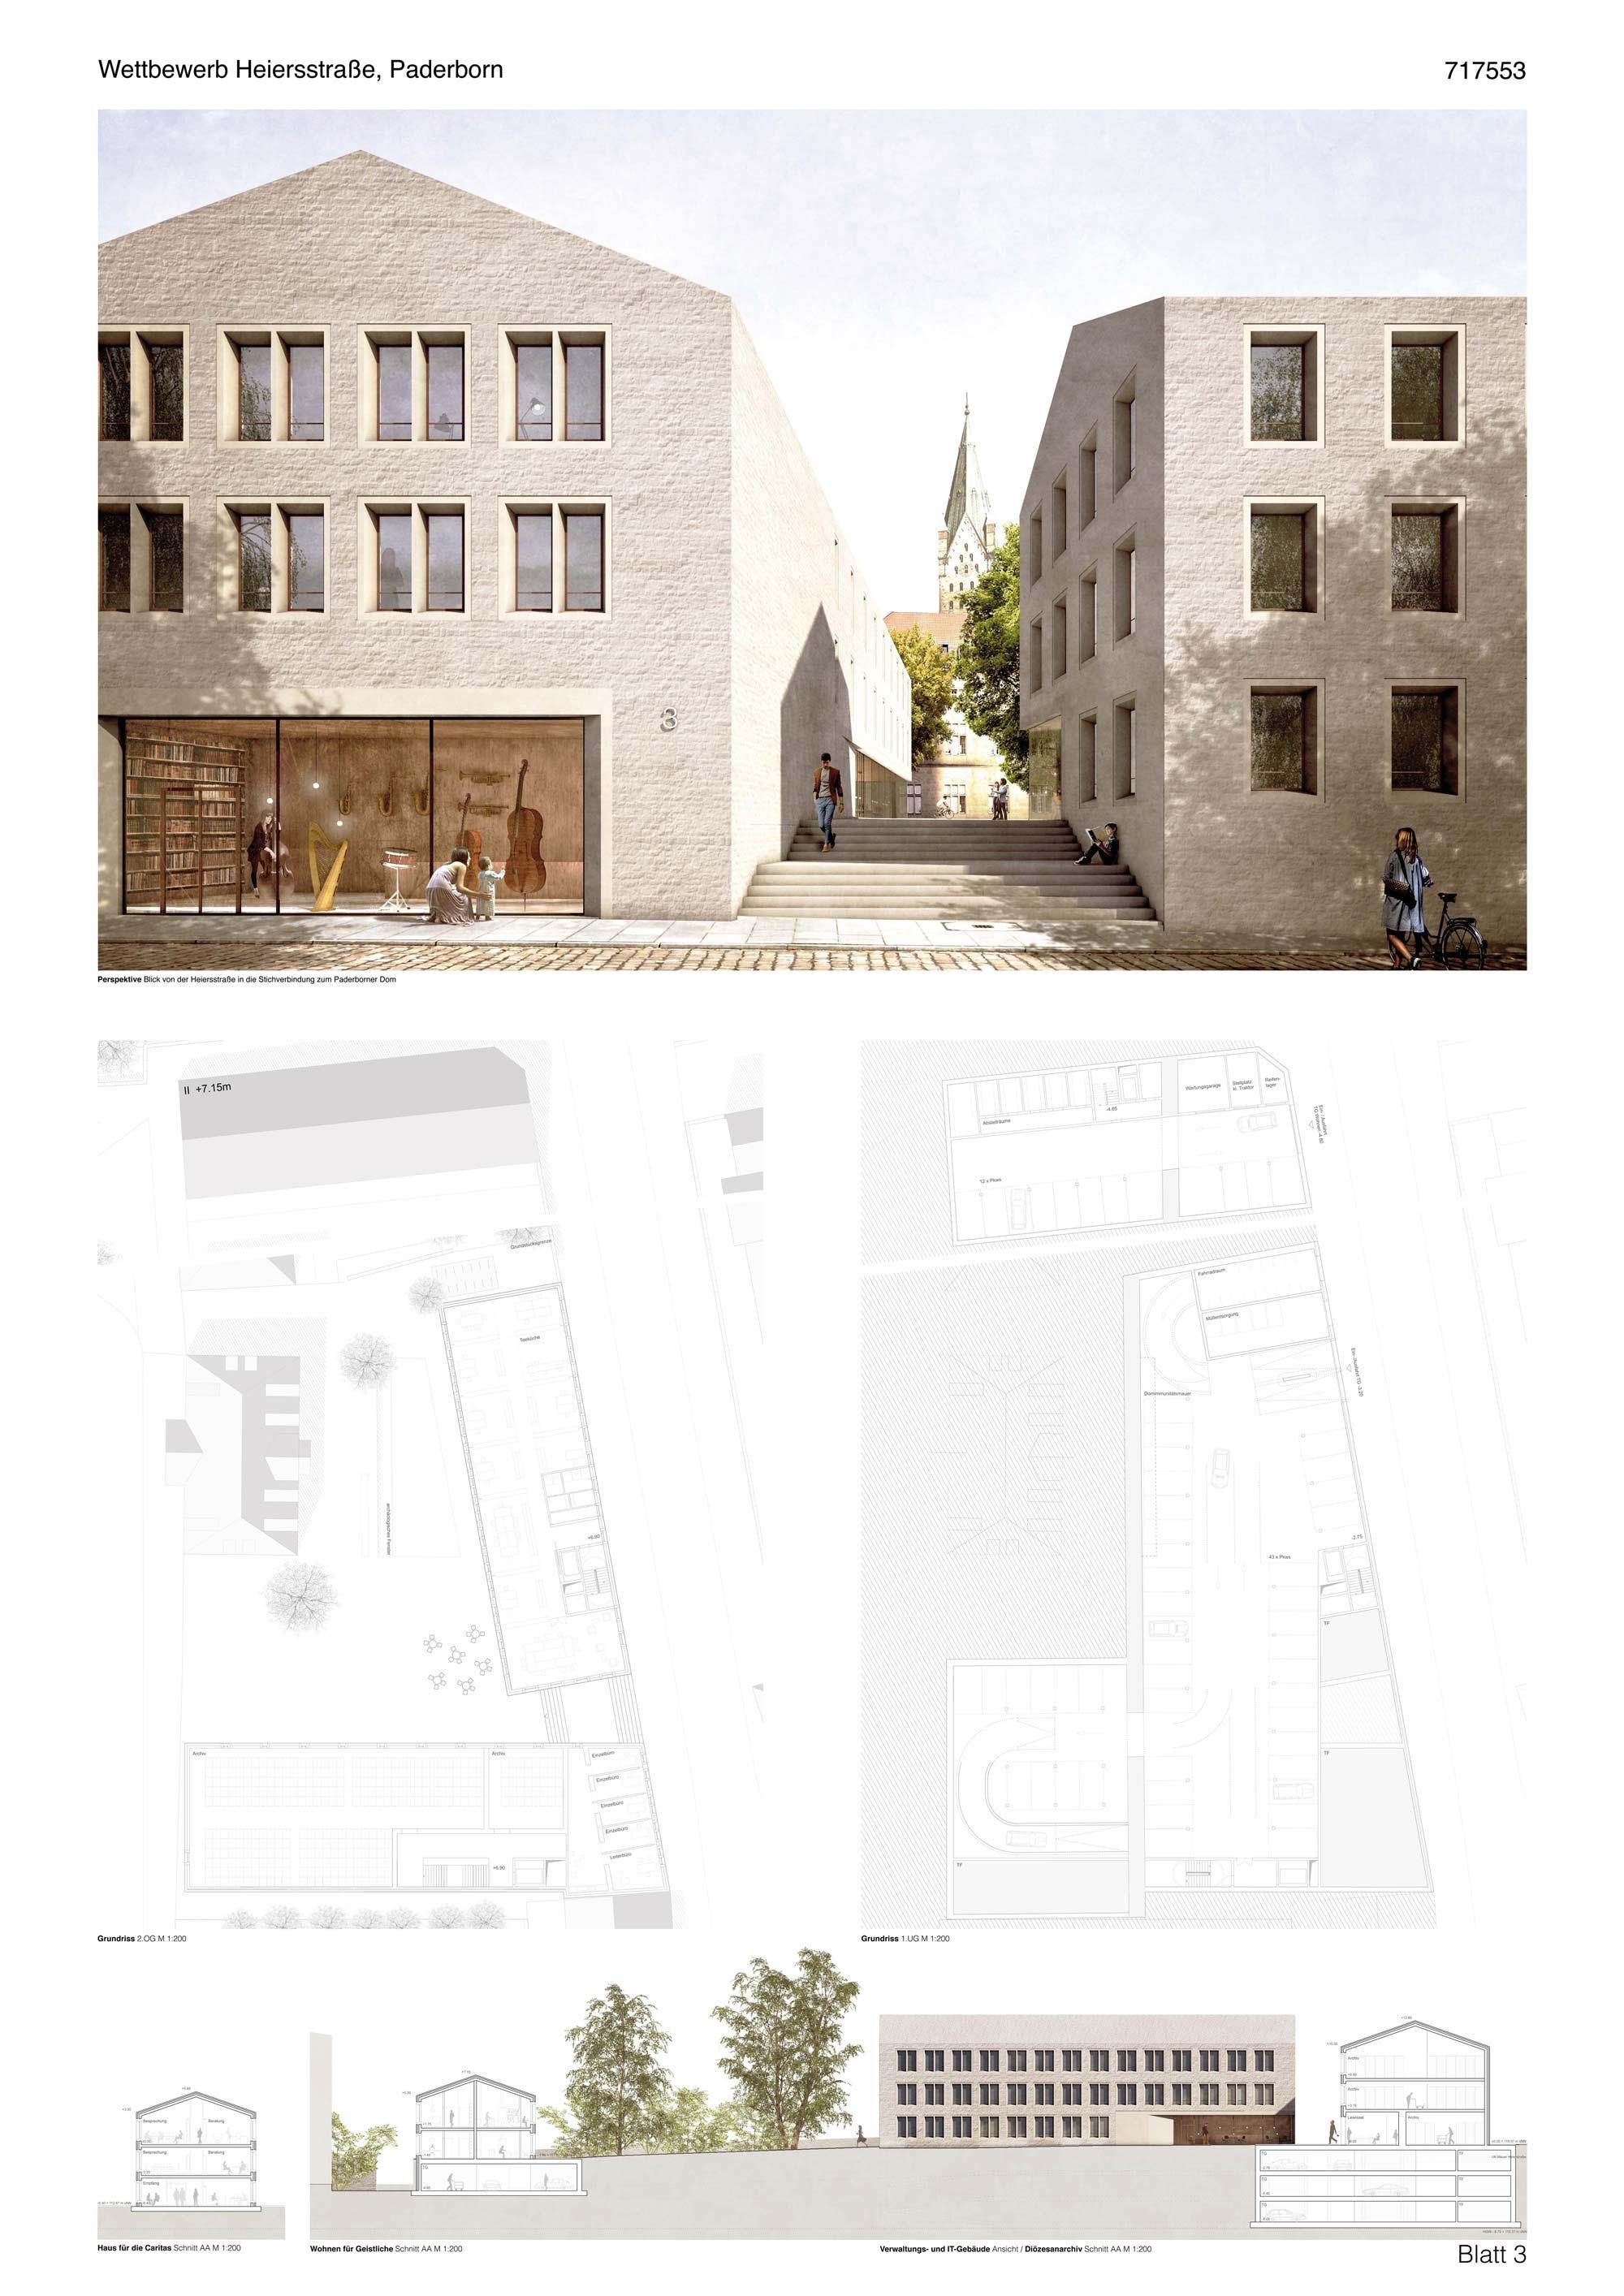 Architektur Paderborn ergebnis heiersstraße competitionline